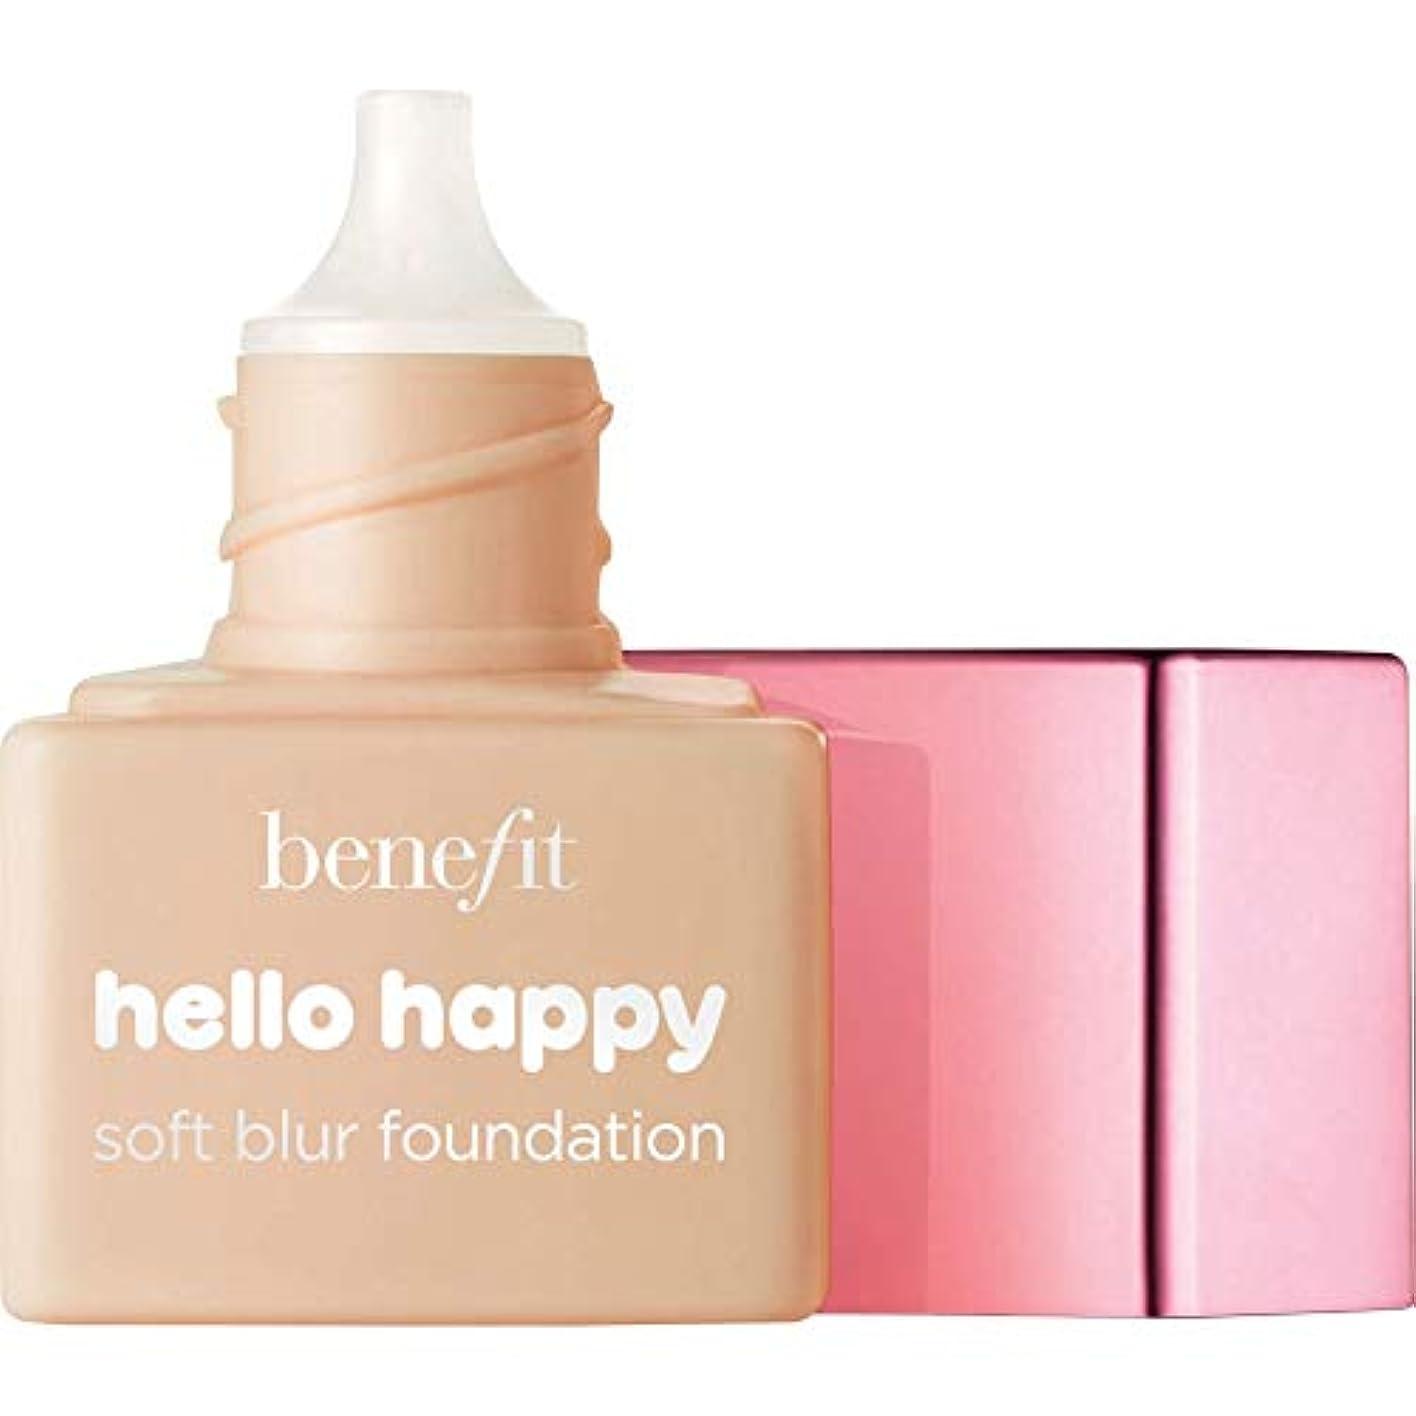 トーナメントスーツケース安西[Benefit ] ミニ4 - - こんにちは幸せソフトブラー基礎Spf15の6ミリリットルの利益中性媒体中 - Benefit Hello Happy Soft Blur Foundation SPF15 6ml - Mini 4 - Medium Neutral [並行輸入品]